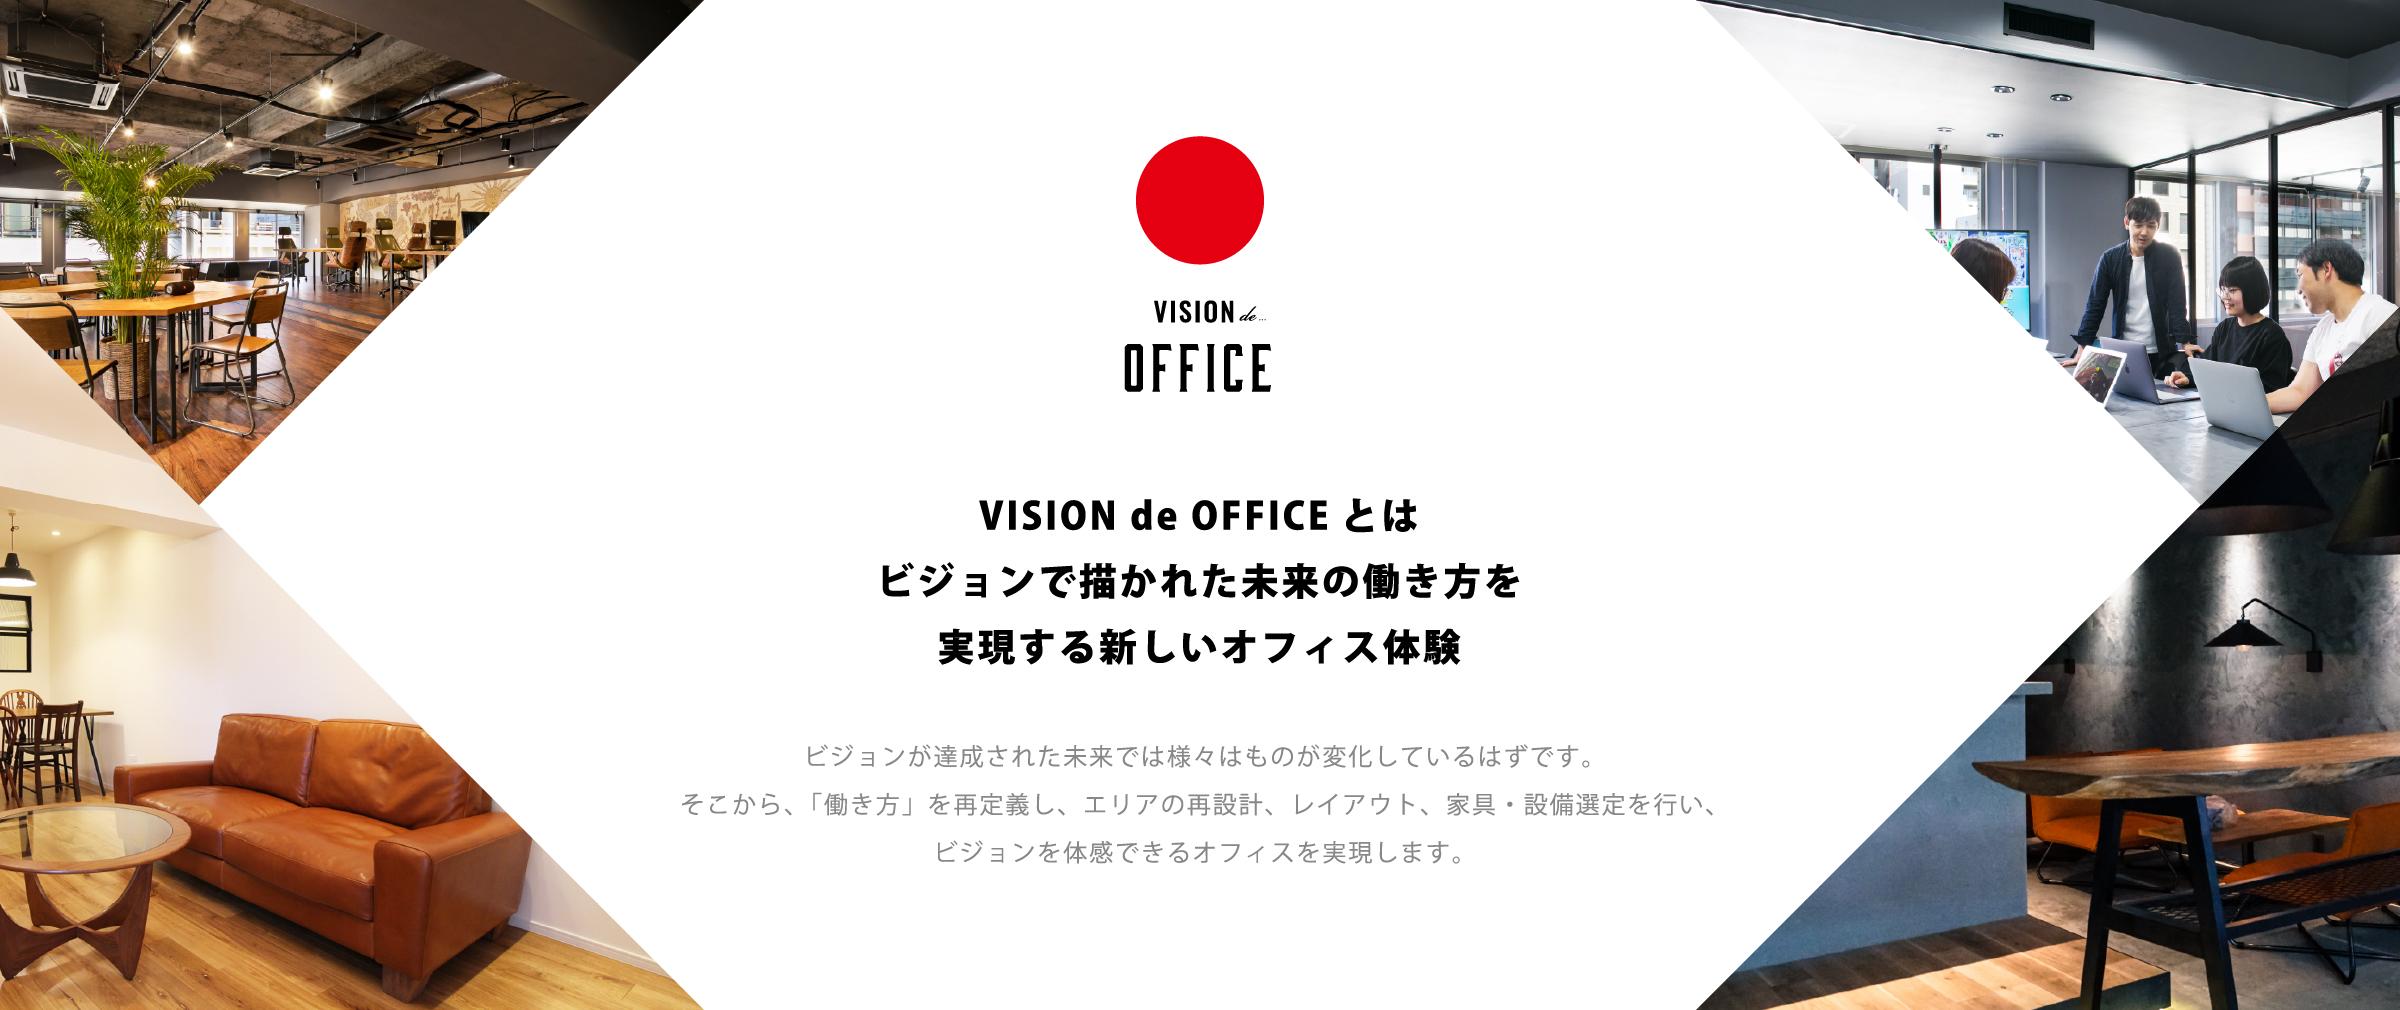 VISION de OFFICEとはビジョンで描かれた未来の働き方を実現する新しいオフィス体験